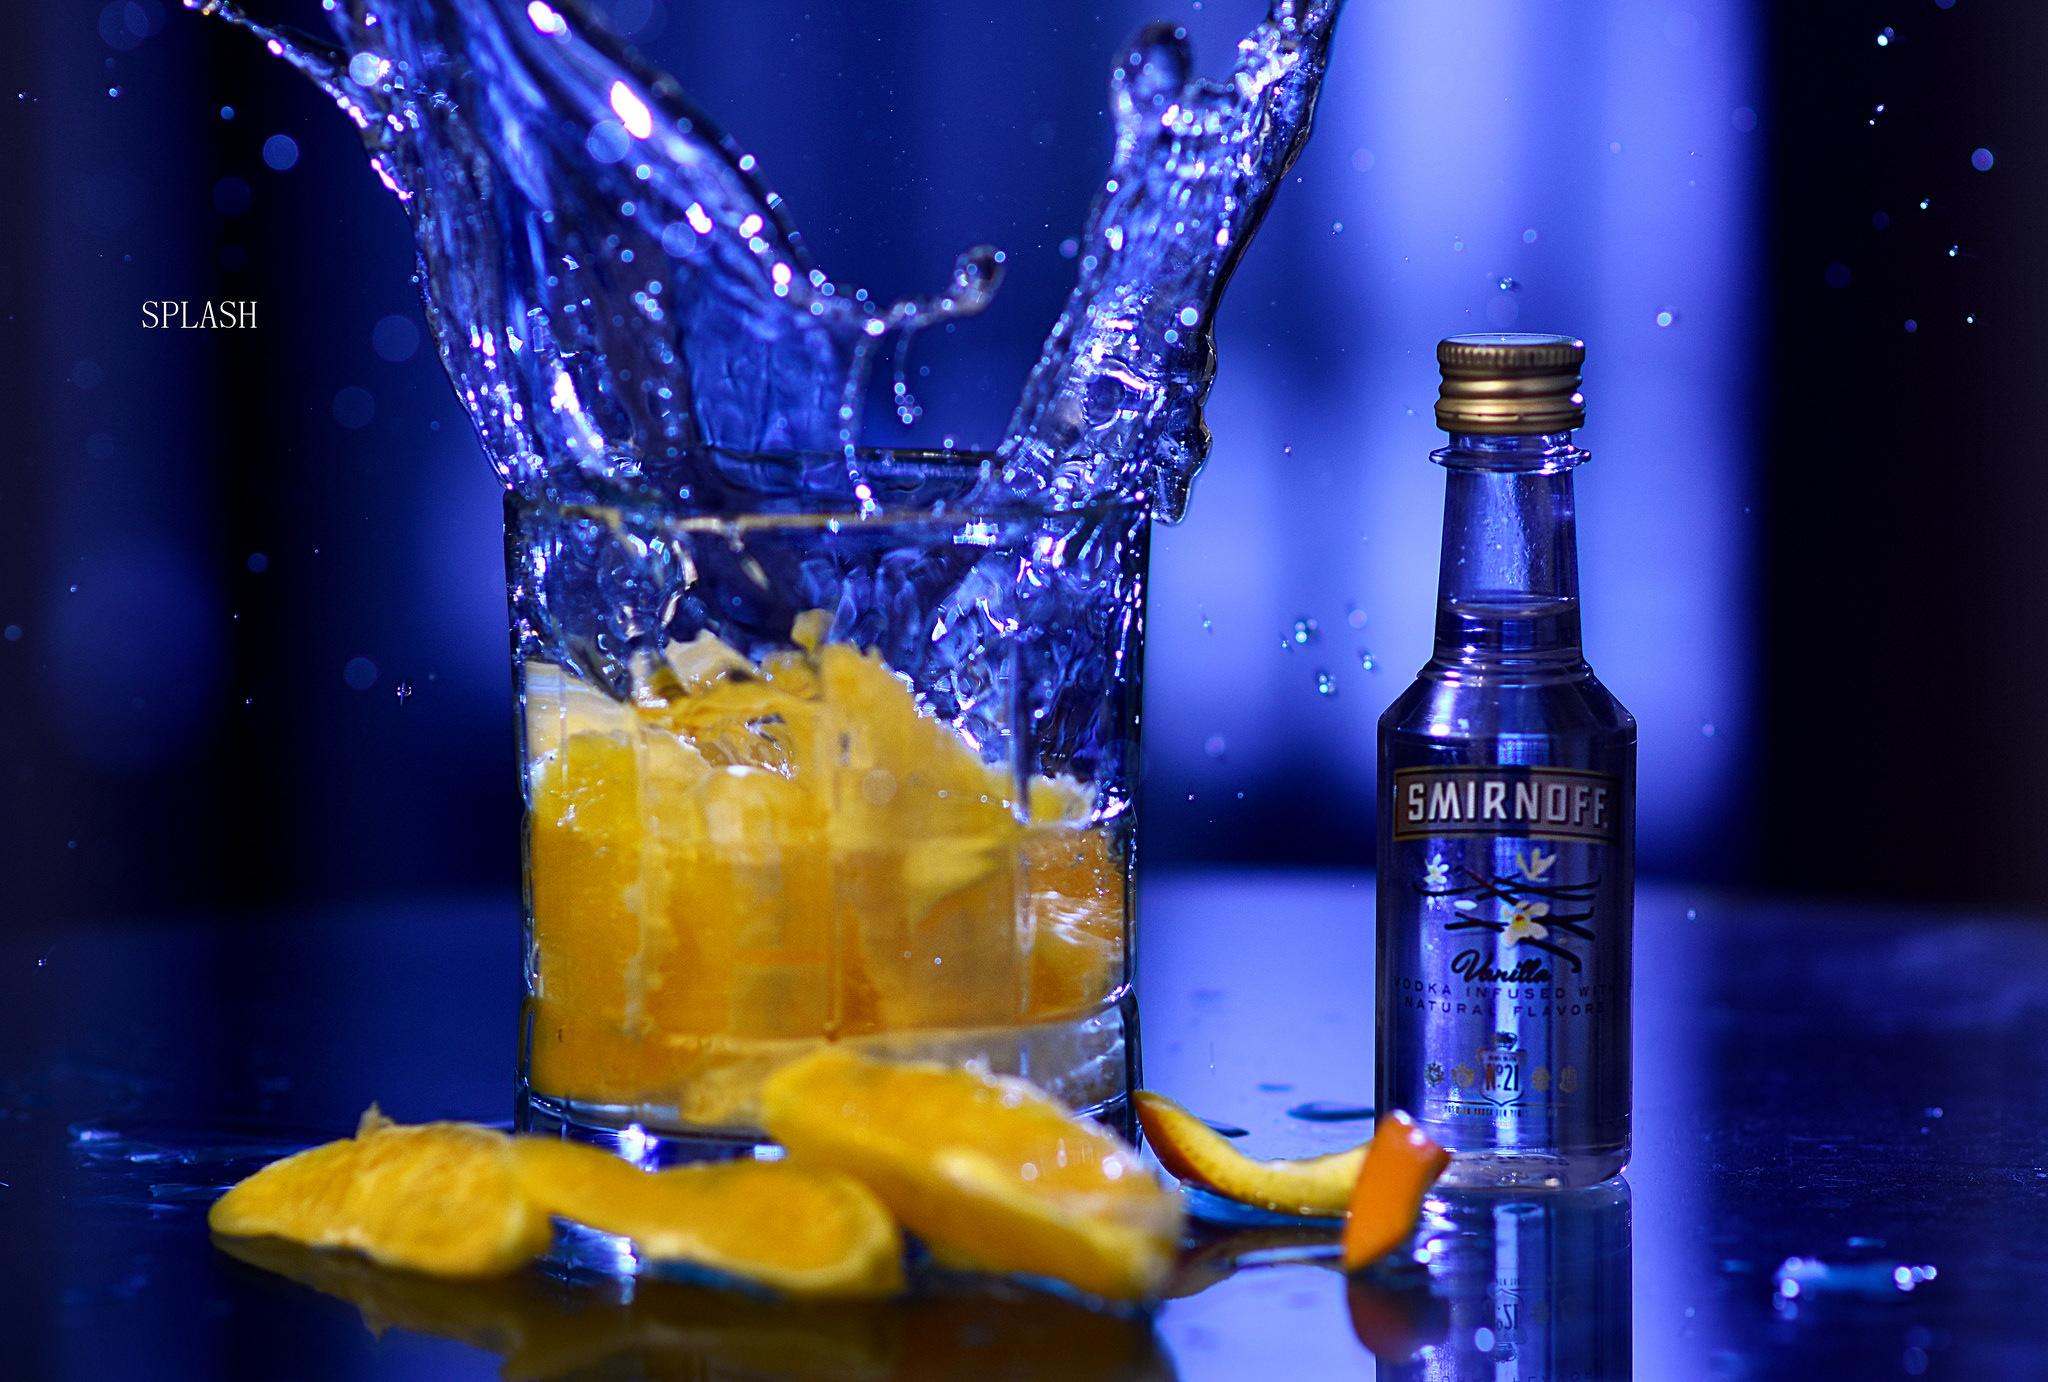 красивые картинки для рабочего стола алкоголь удобную